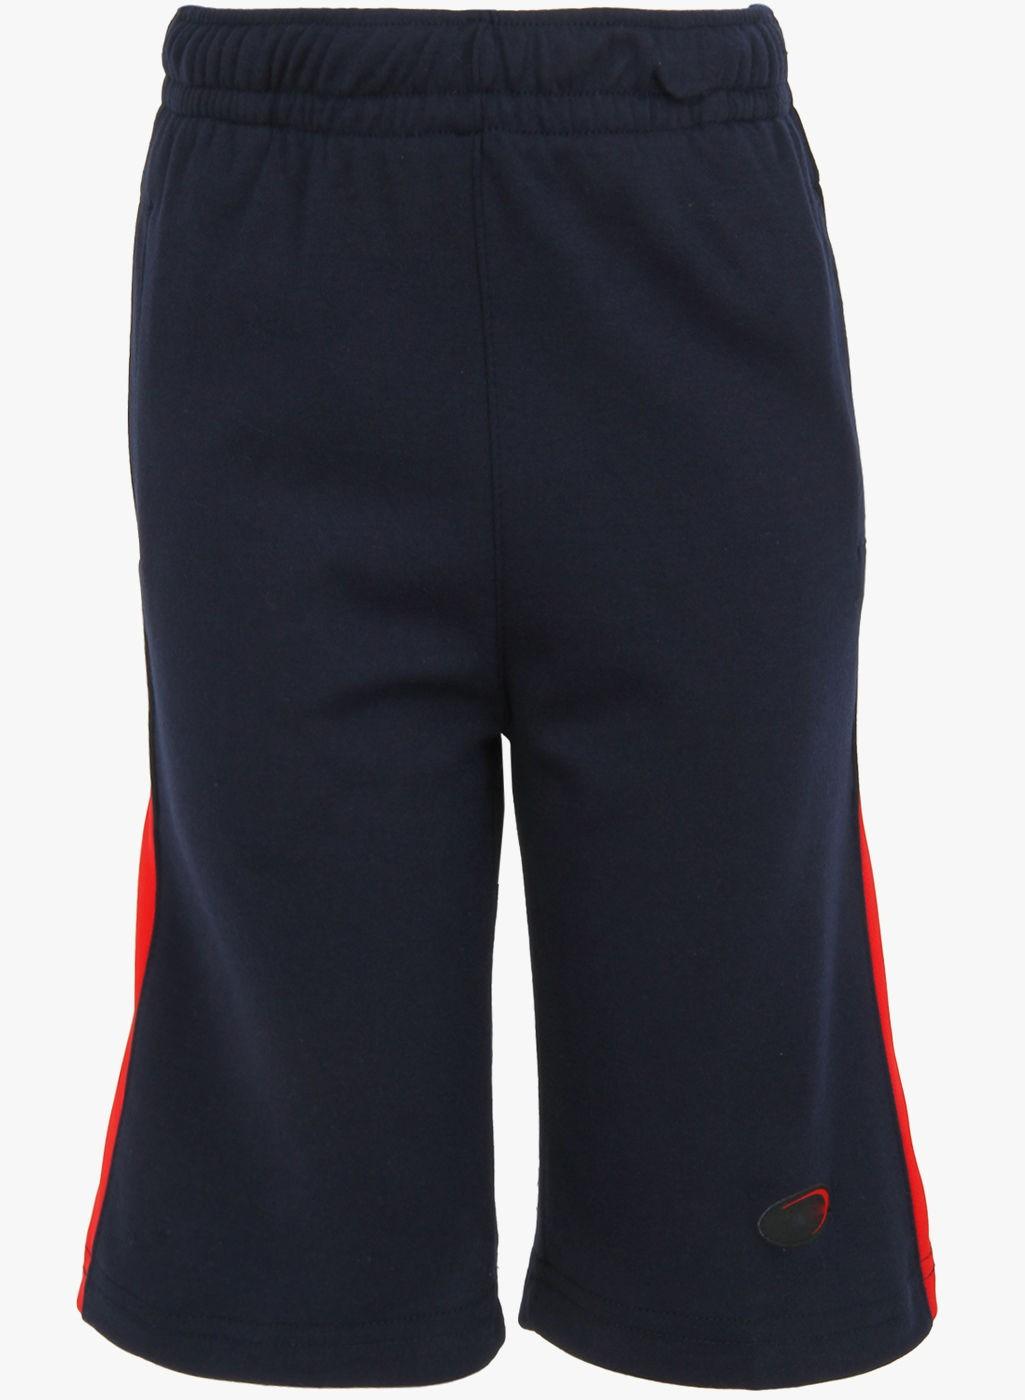 Stylish Navy Blue Knit Short